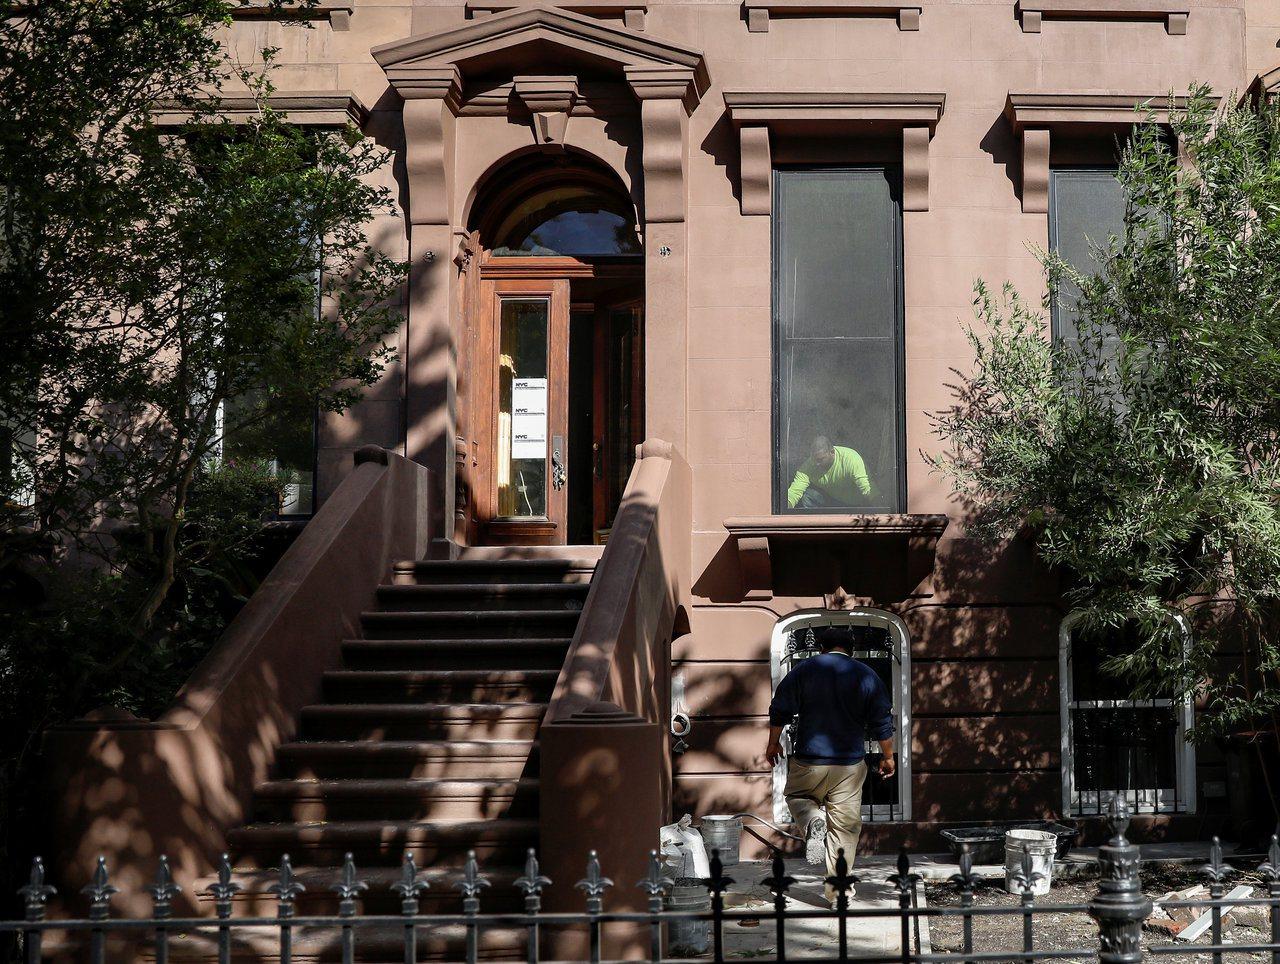 馬納福被查出在紐約市布碌崙的好區擁有一幢公寓。路透